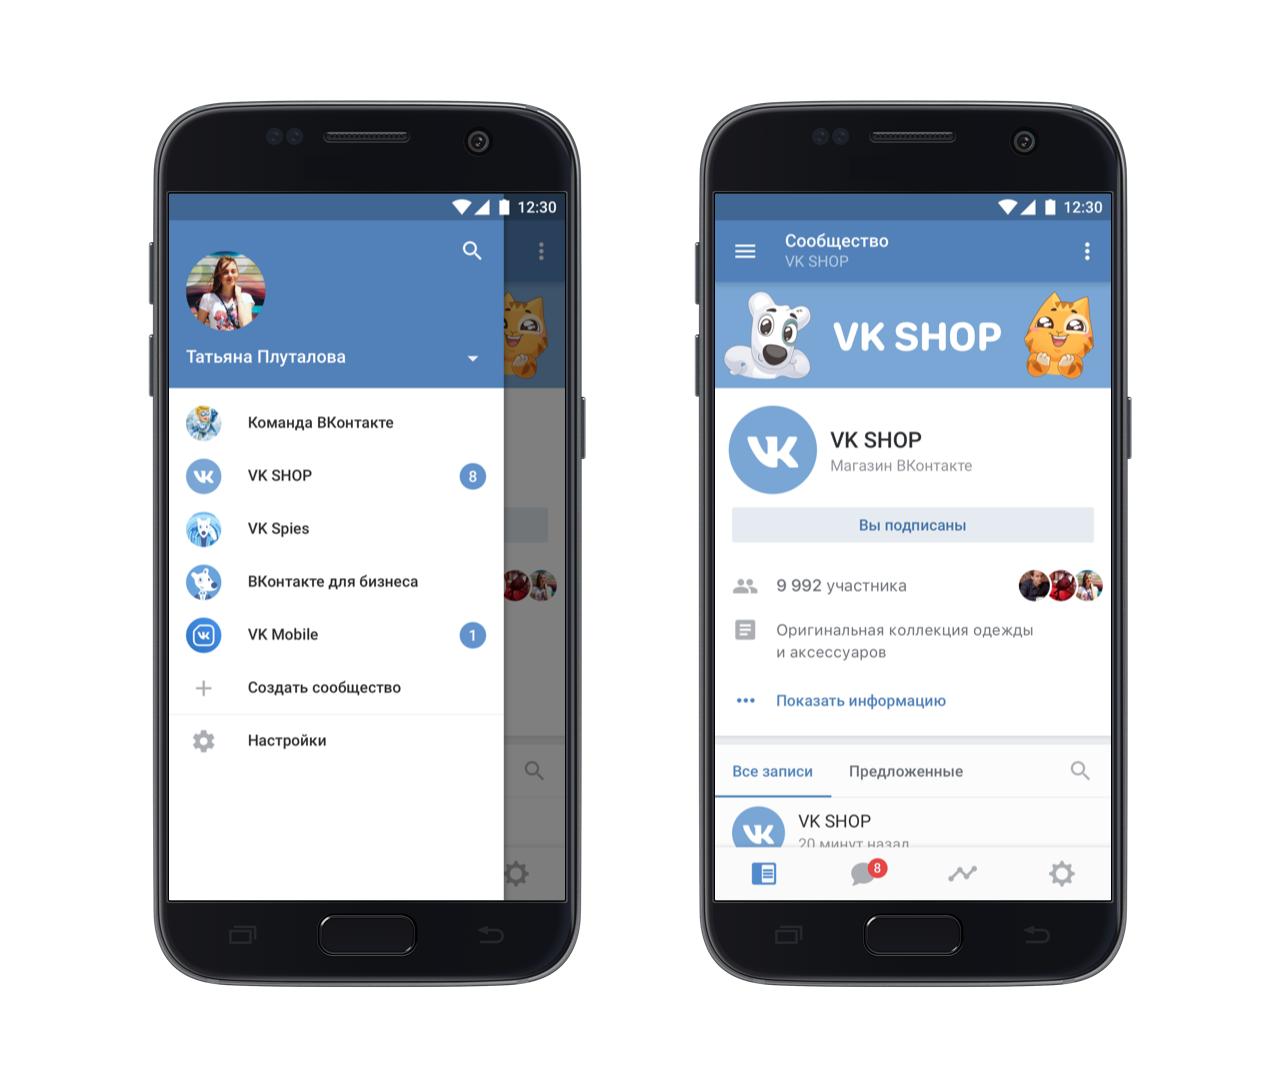 Во ВКонтакте появилось мобильное приложение для управления сообществами